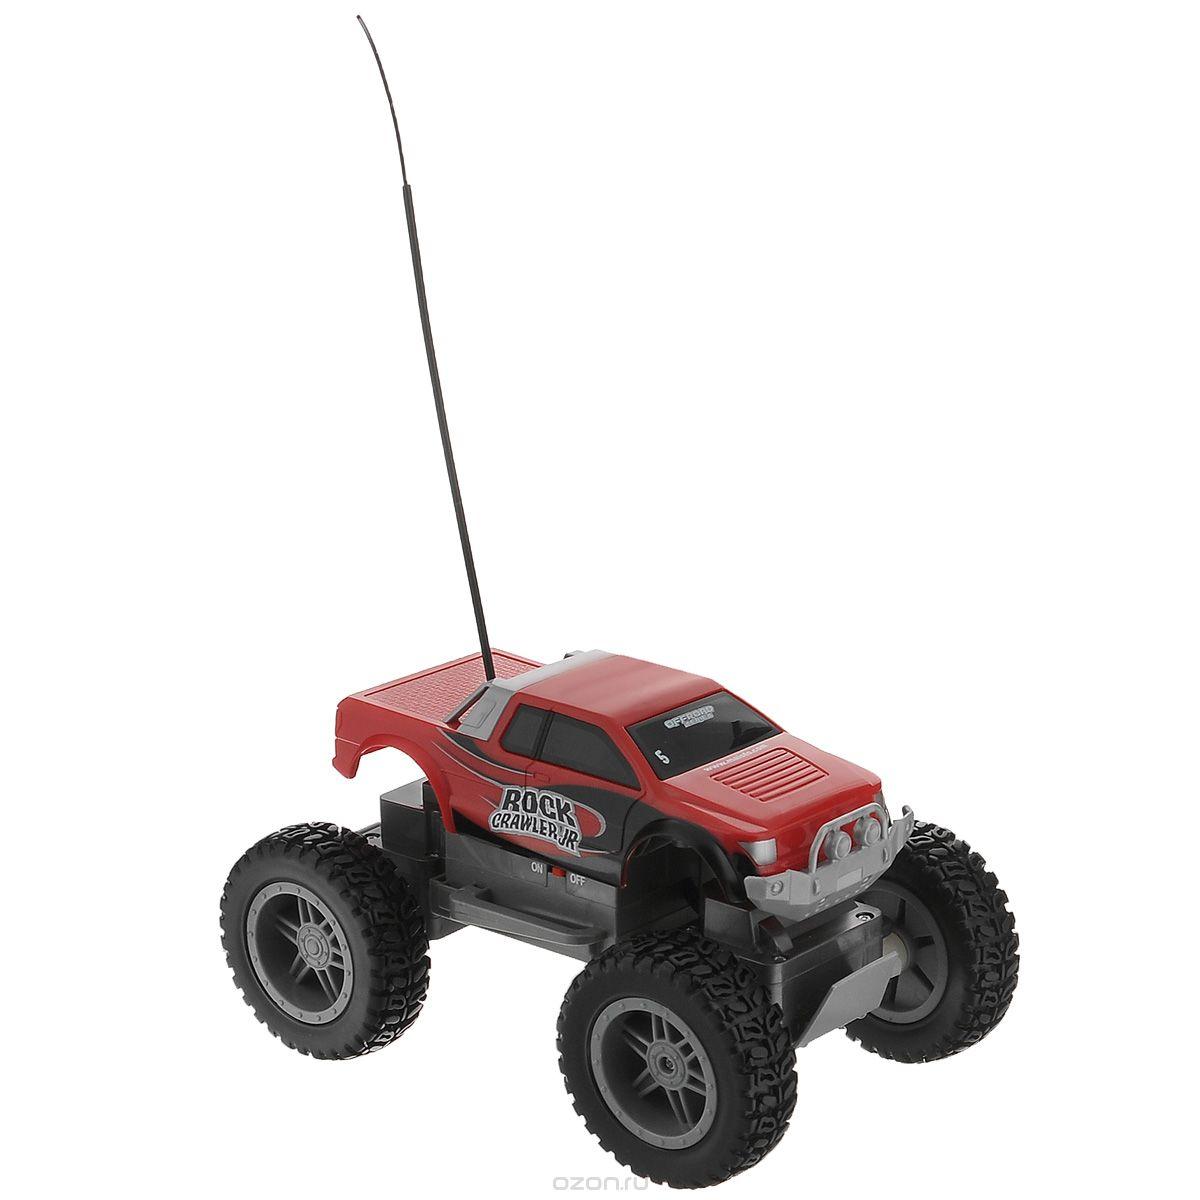 Maisto Машина на радиоуправлении Rock Crawler 4х4 цвет красный81162_красный 2161Радиоуправляемая модель Maisto Вездеход Rock Crawler 4х4 с ярким привлекающим внимание дизайном обязательно понравится всем любителям машин, в особенности внедорожников. Машинка имеет повышенную проходимость за счет полного привода 4х4, прекрасно передвигается по бездорожью и легко может покорить скалу. Джип имеет мягкую пружинную независимую подвеску с длинным ходом и большие колеса. Машинка двигается вправо, влево, вперед и назад. Управление с помощью дистанционного пульта (поставляется в комплекте). Радиус действия пульта до 15 м. В комплекте инструкция по эксплуатации на русском языке. Необходимо докупить 6 батареек 1,5V типа АА (в комплект не входят).